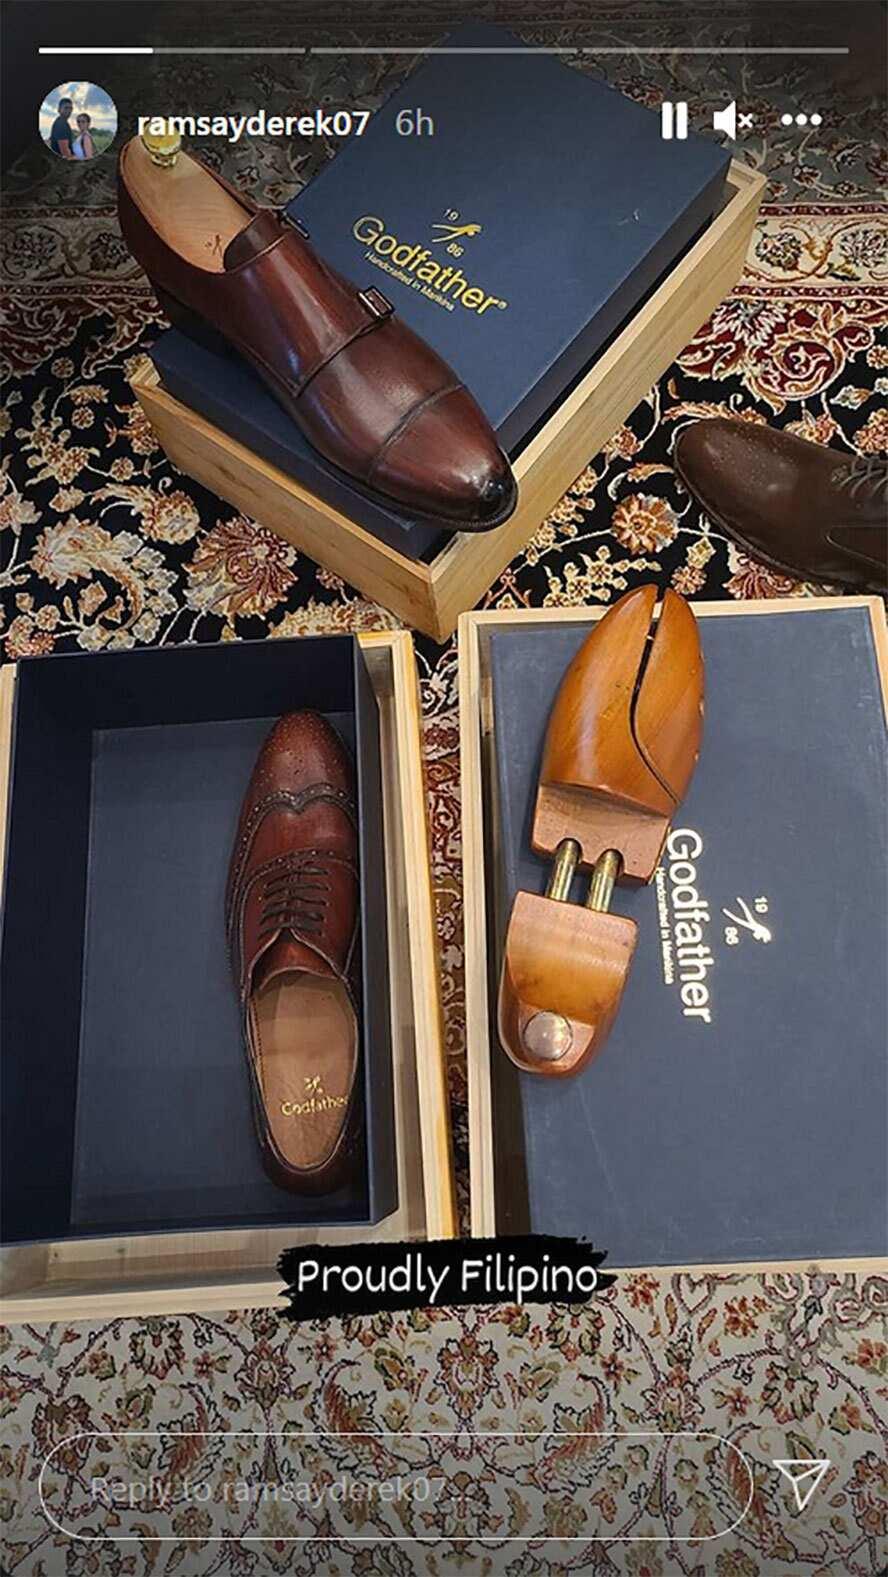 Derek Ramsay, ibinida ang mga design ng sapatos na pinagpipilian para gamitin sa wedding day